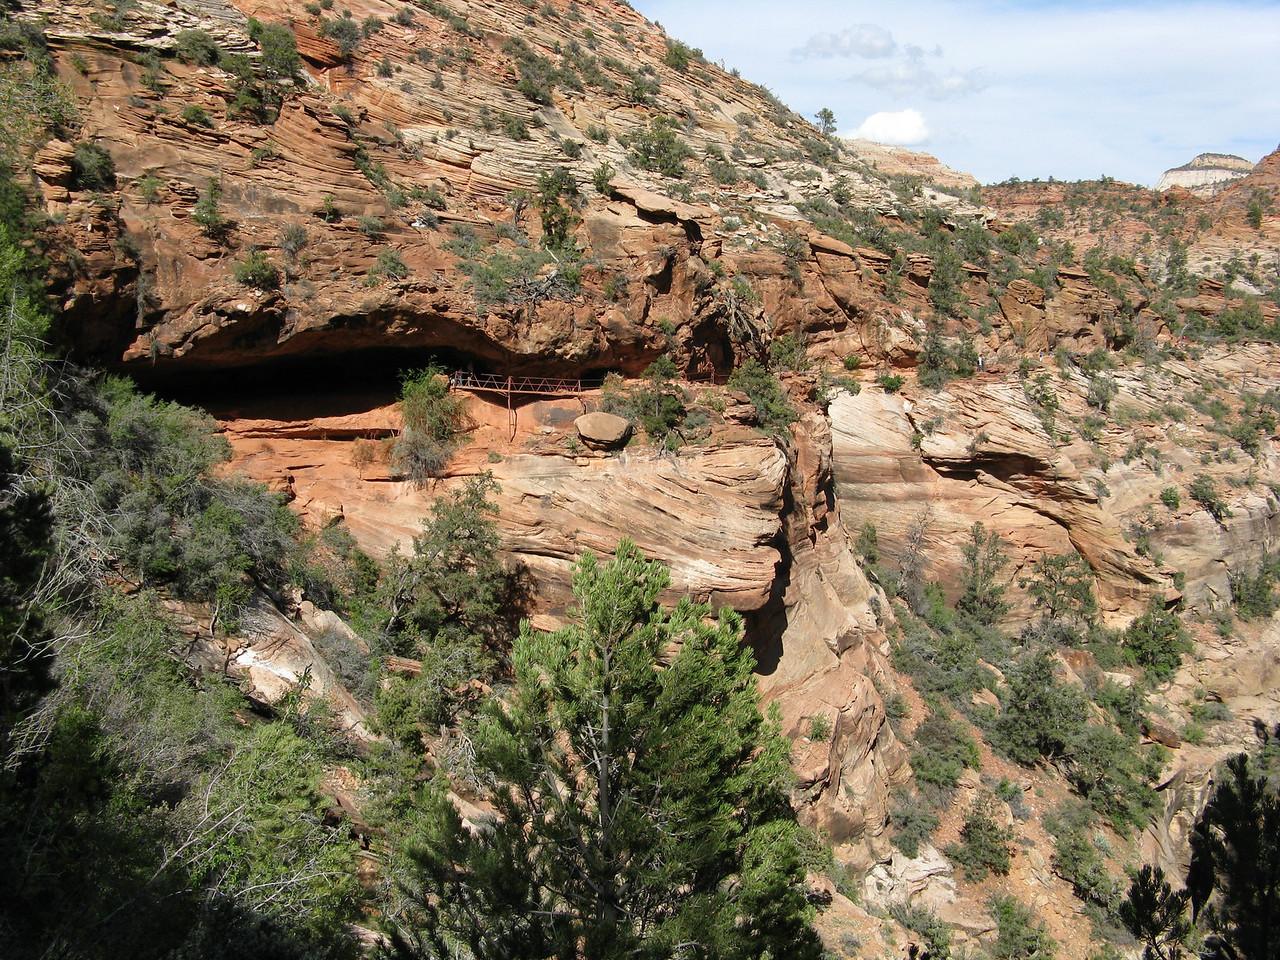 2011-04-21 Canyon Overlook 017